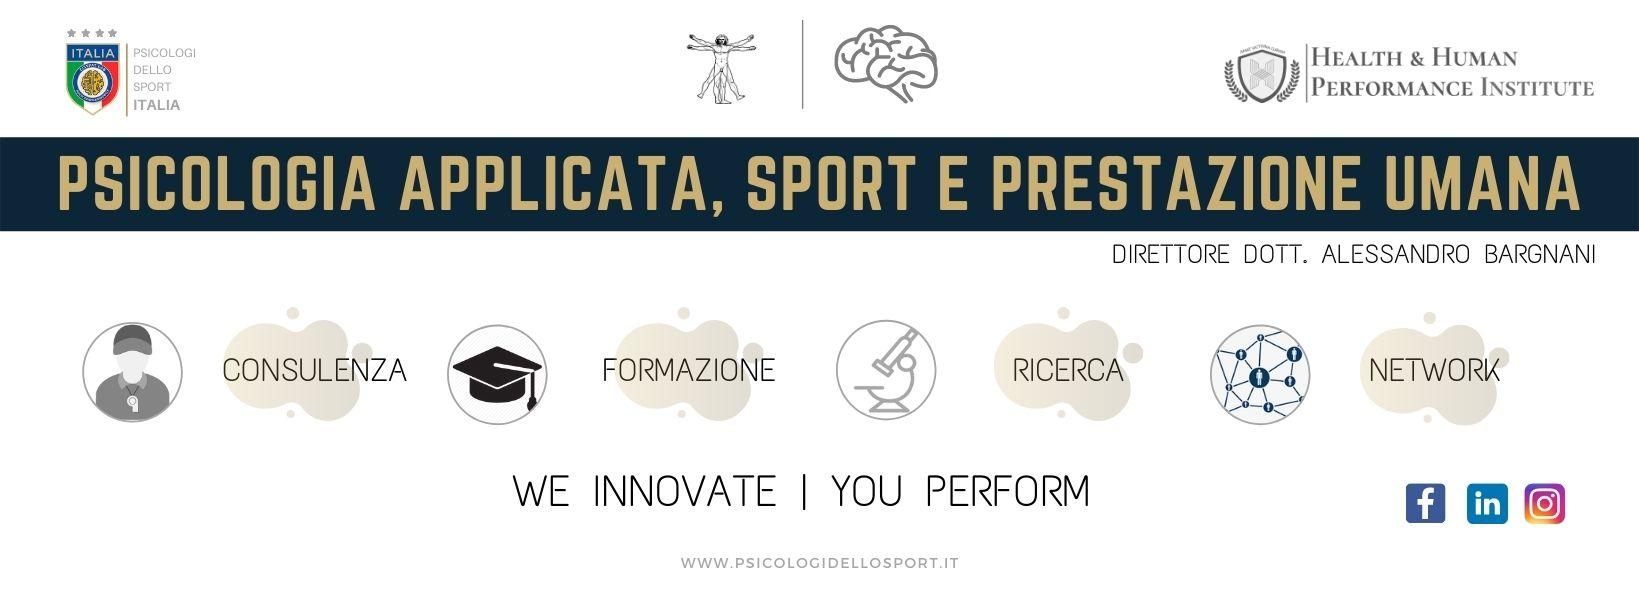 psicologi dello sport PSICOLOGIA APPLICATA, SPORT E PRESTAZIONE UMANA (1)